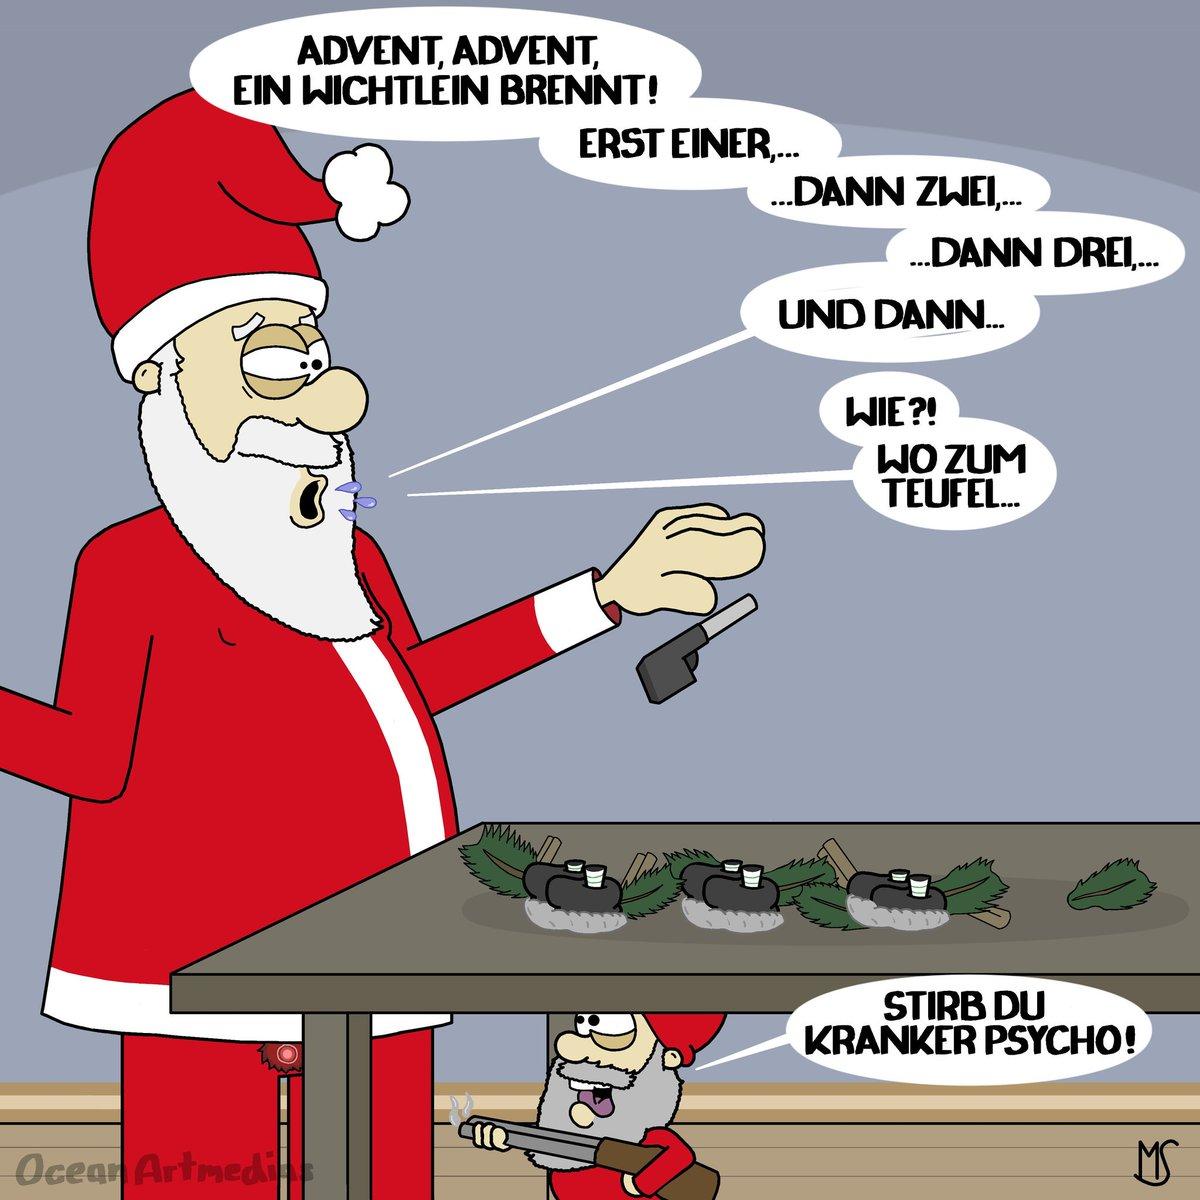 Comic Bilder Weihnachten.Ocean Artmedias On Twitter Frohe Weihnachten Euch Christmas